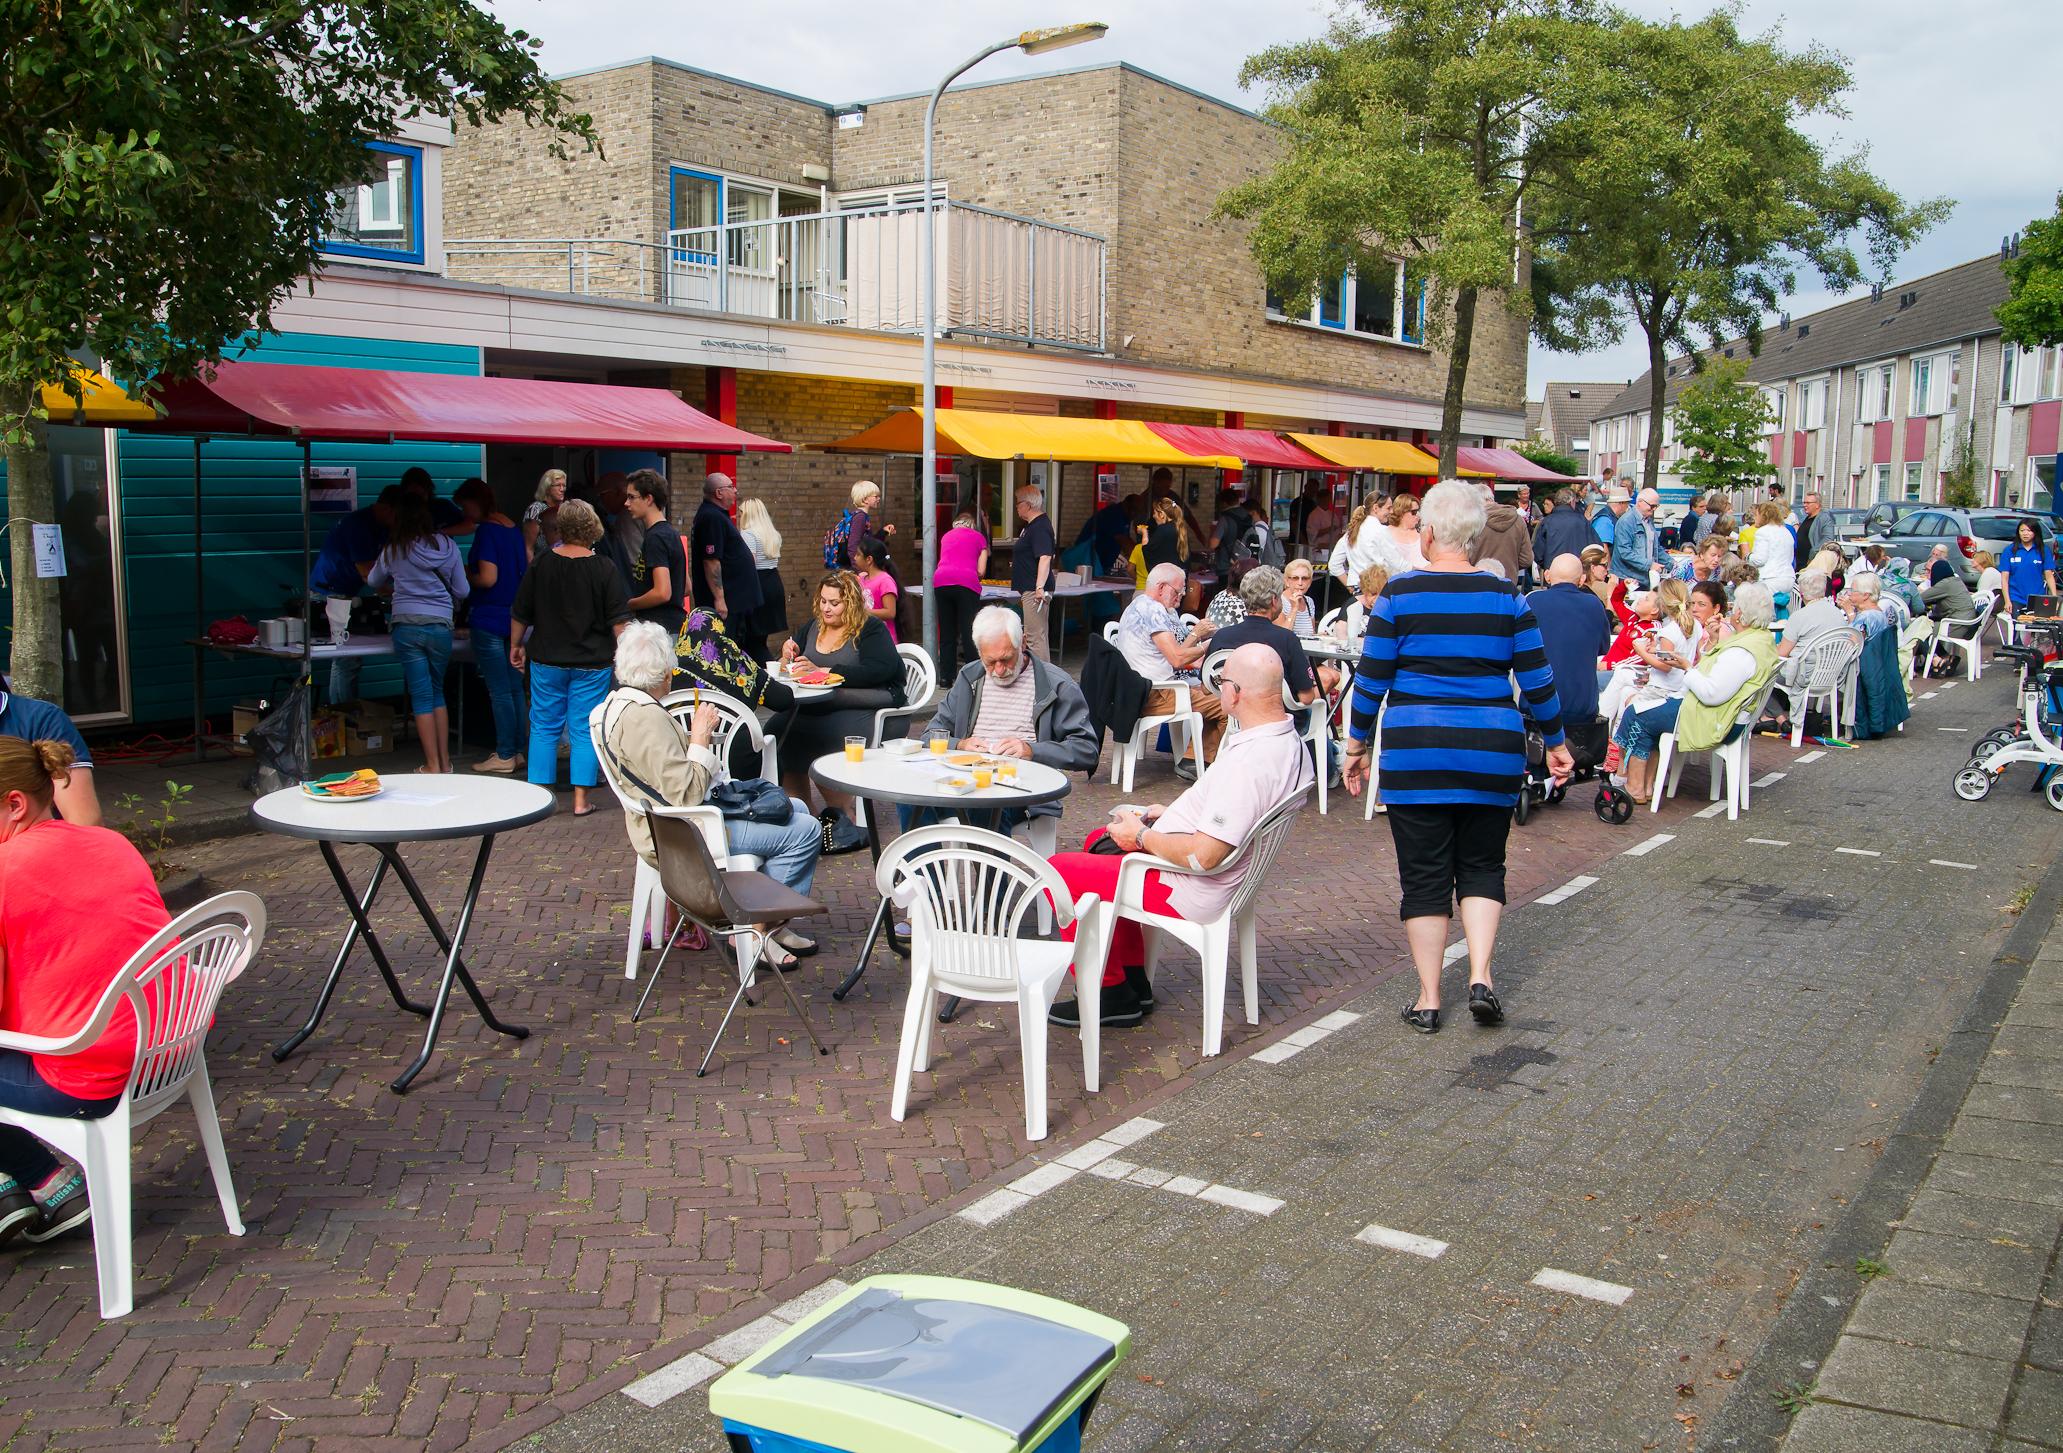 Tijdens de middag verandert de Bandoengstraat in een gezellig terras. (foto aangeleverd)